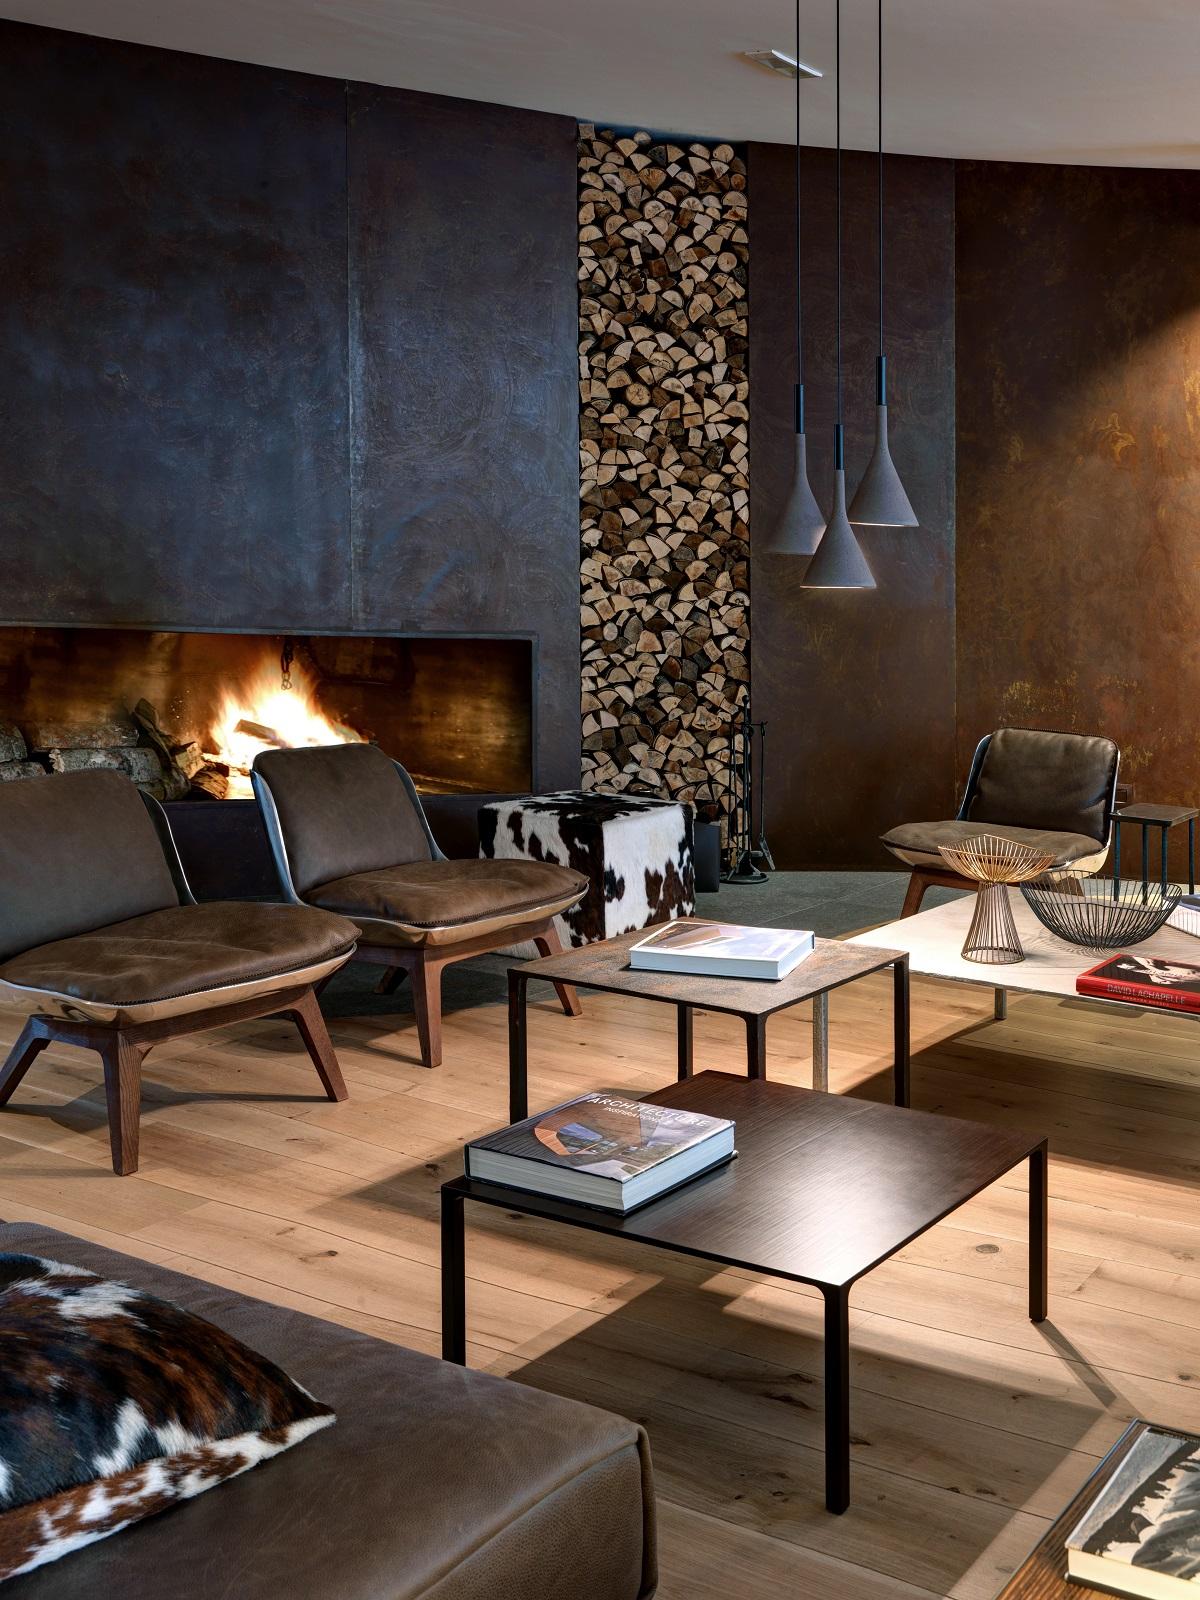 hotel_nira_montana_interiors_3.jpg